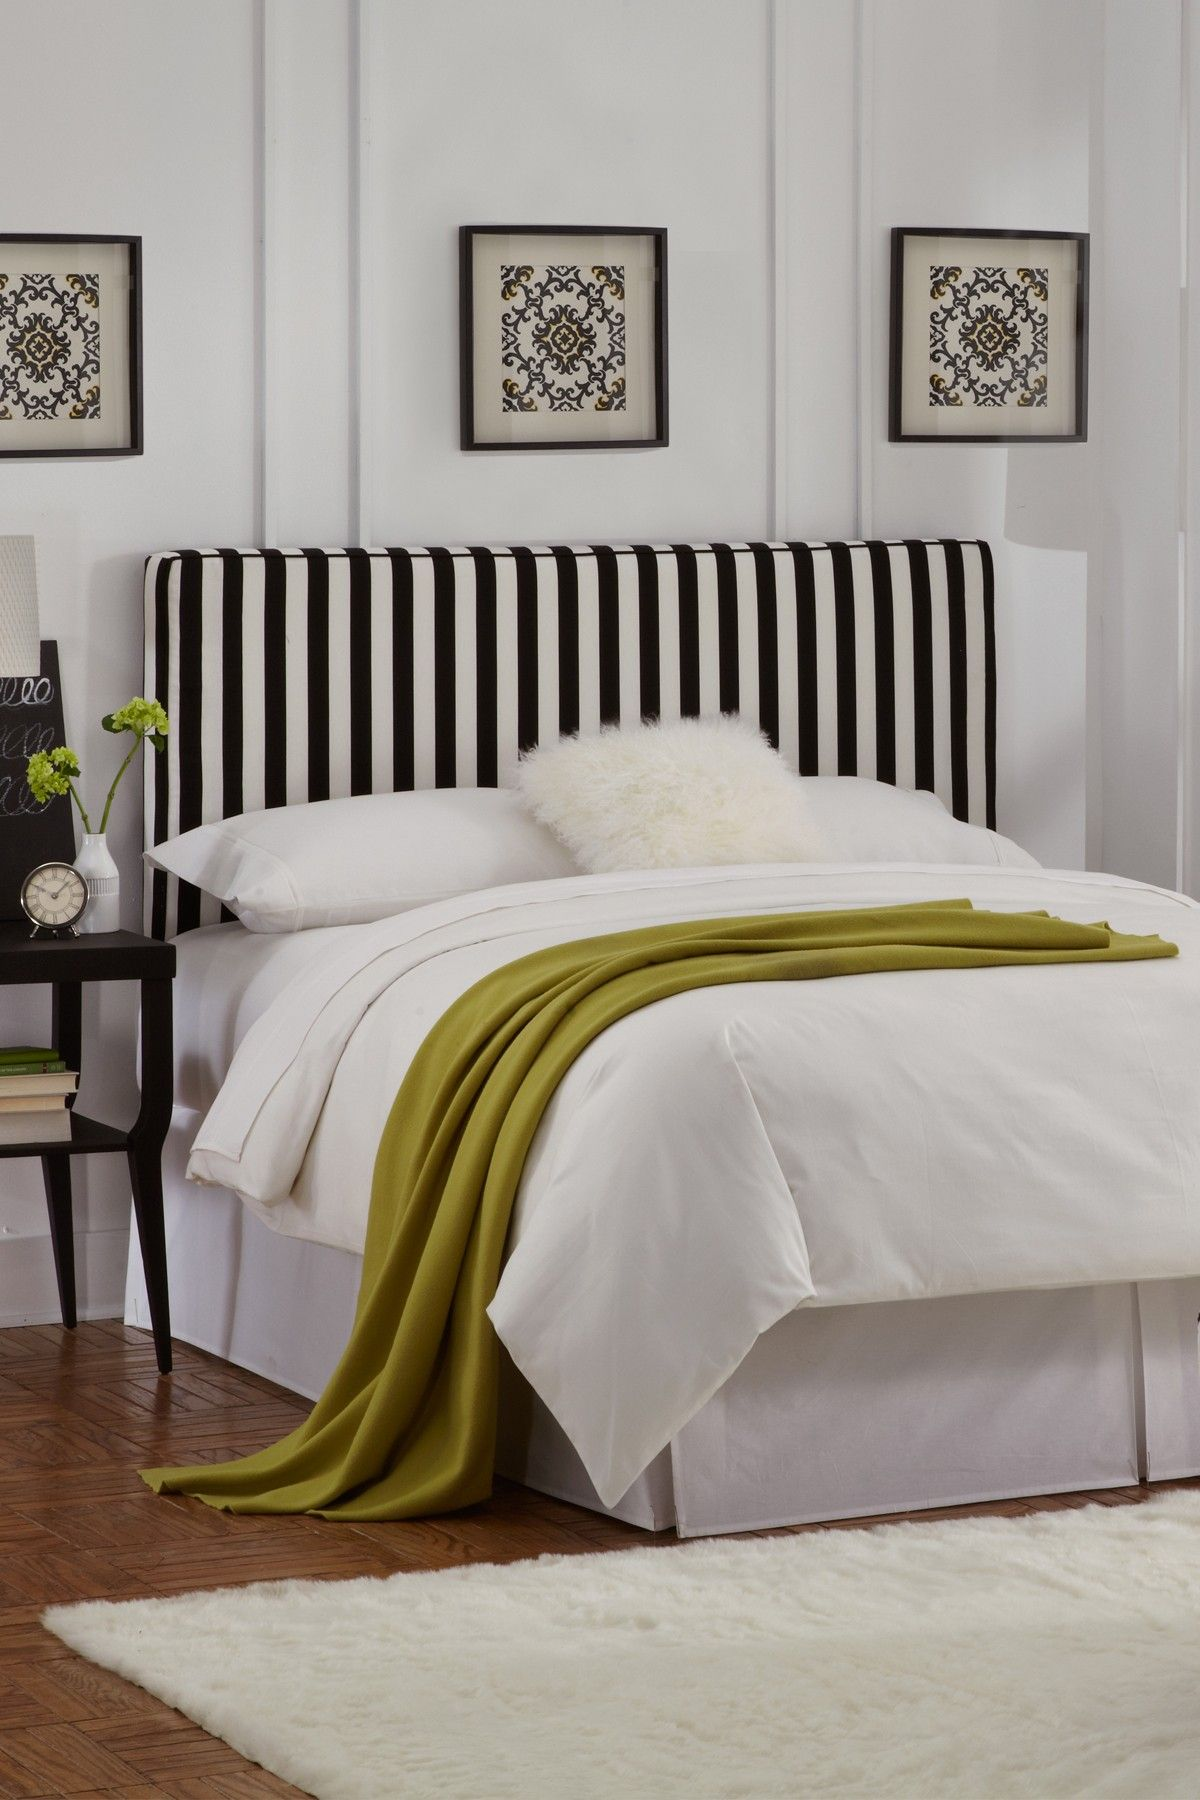 Canopy Stripe Upholstered Headboard Black White